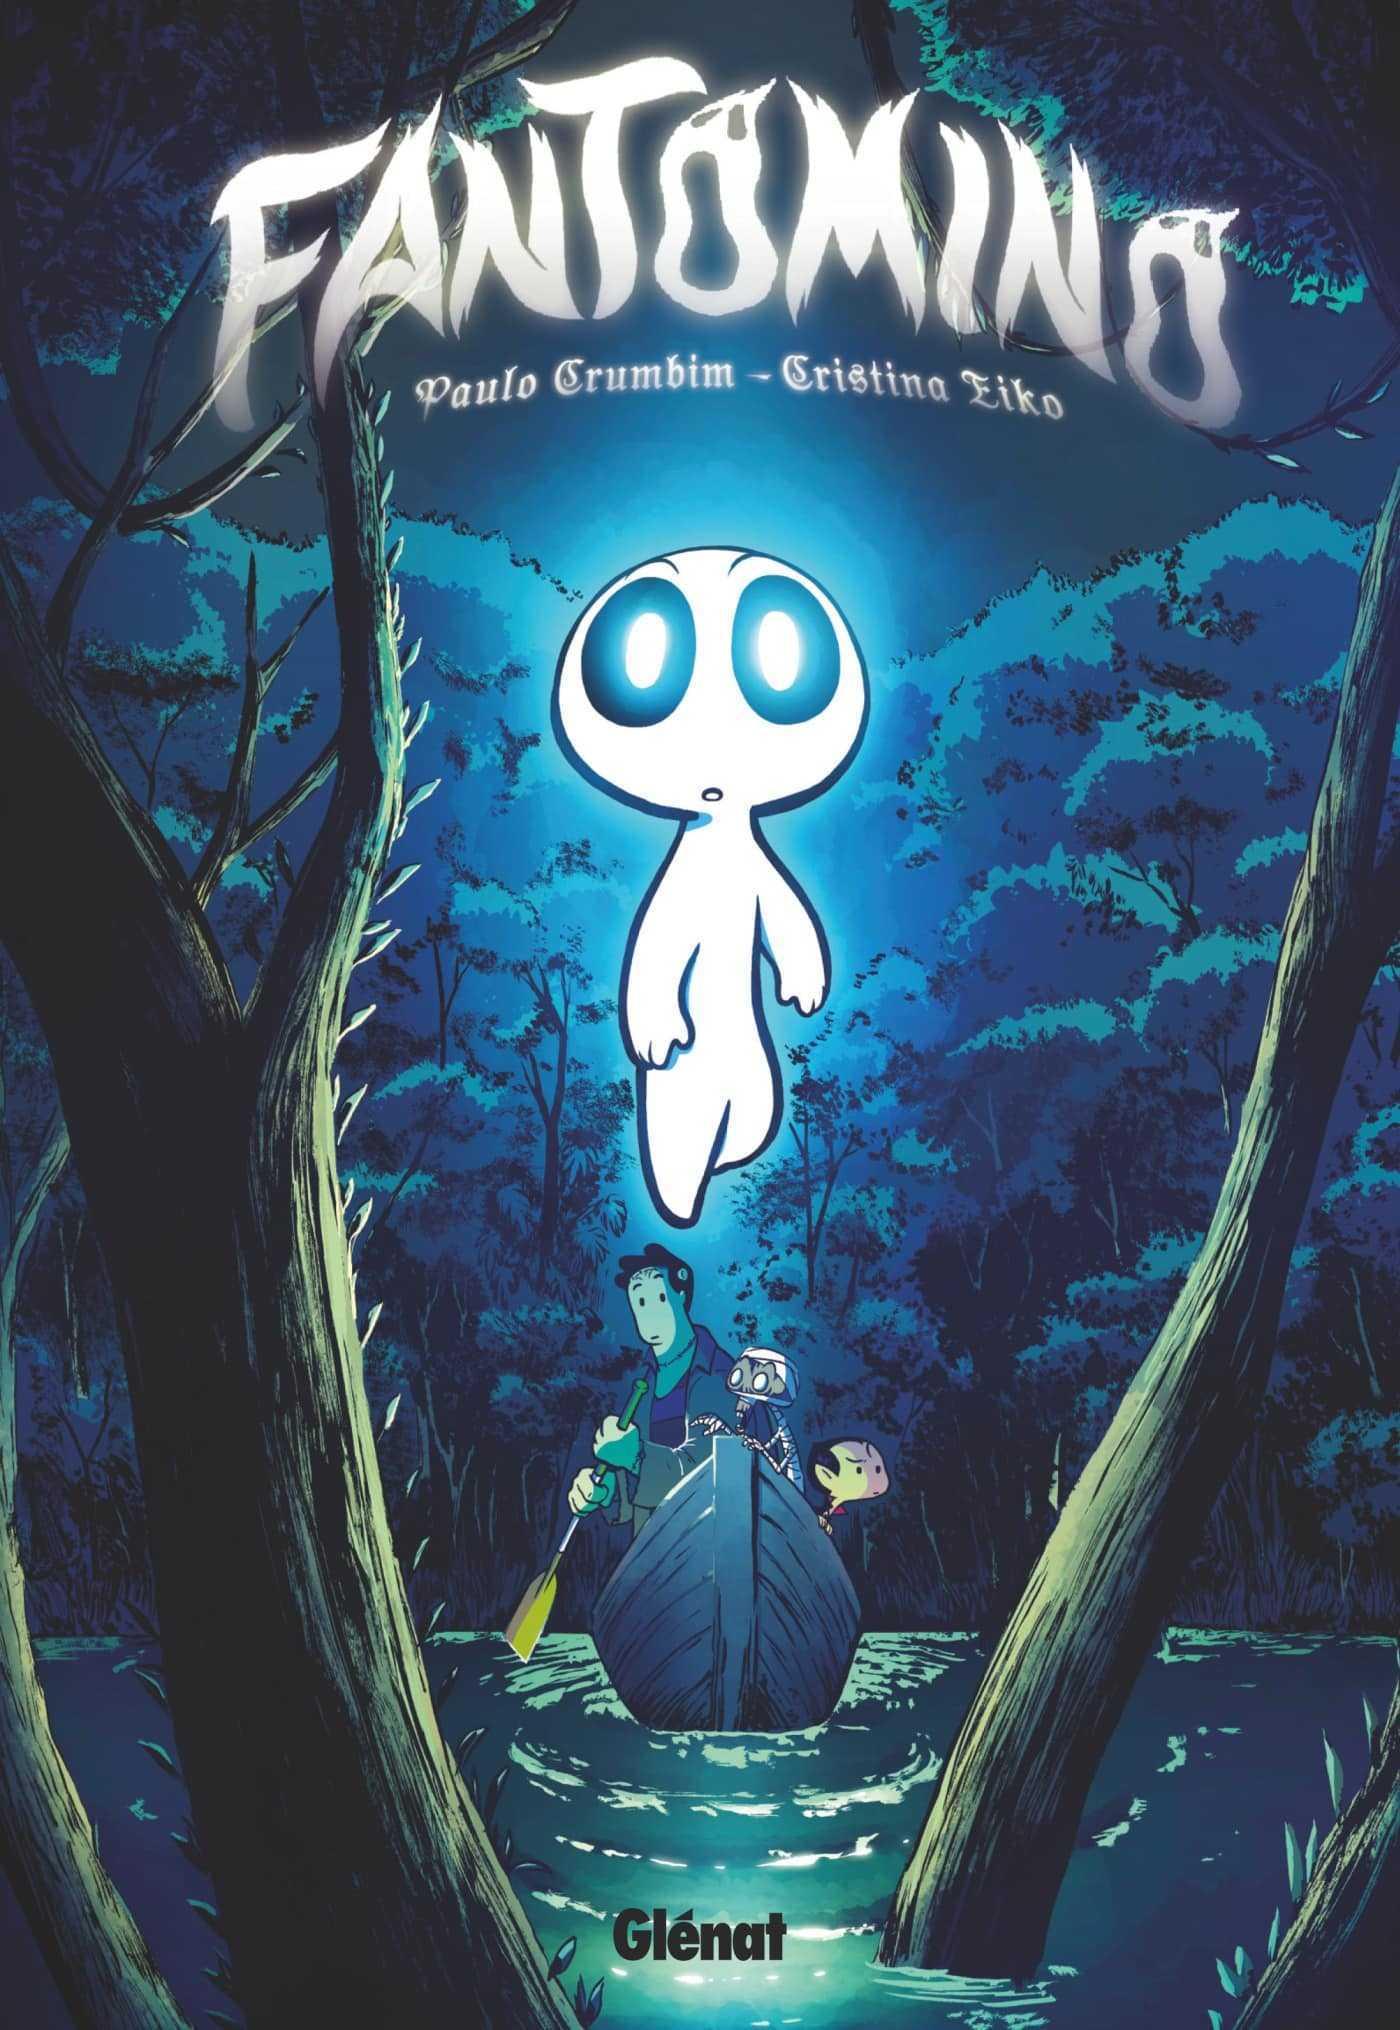 Fantomino, petit fantôme malicieux et amoureux